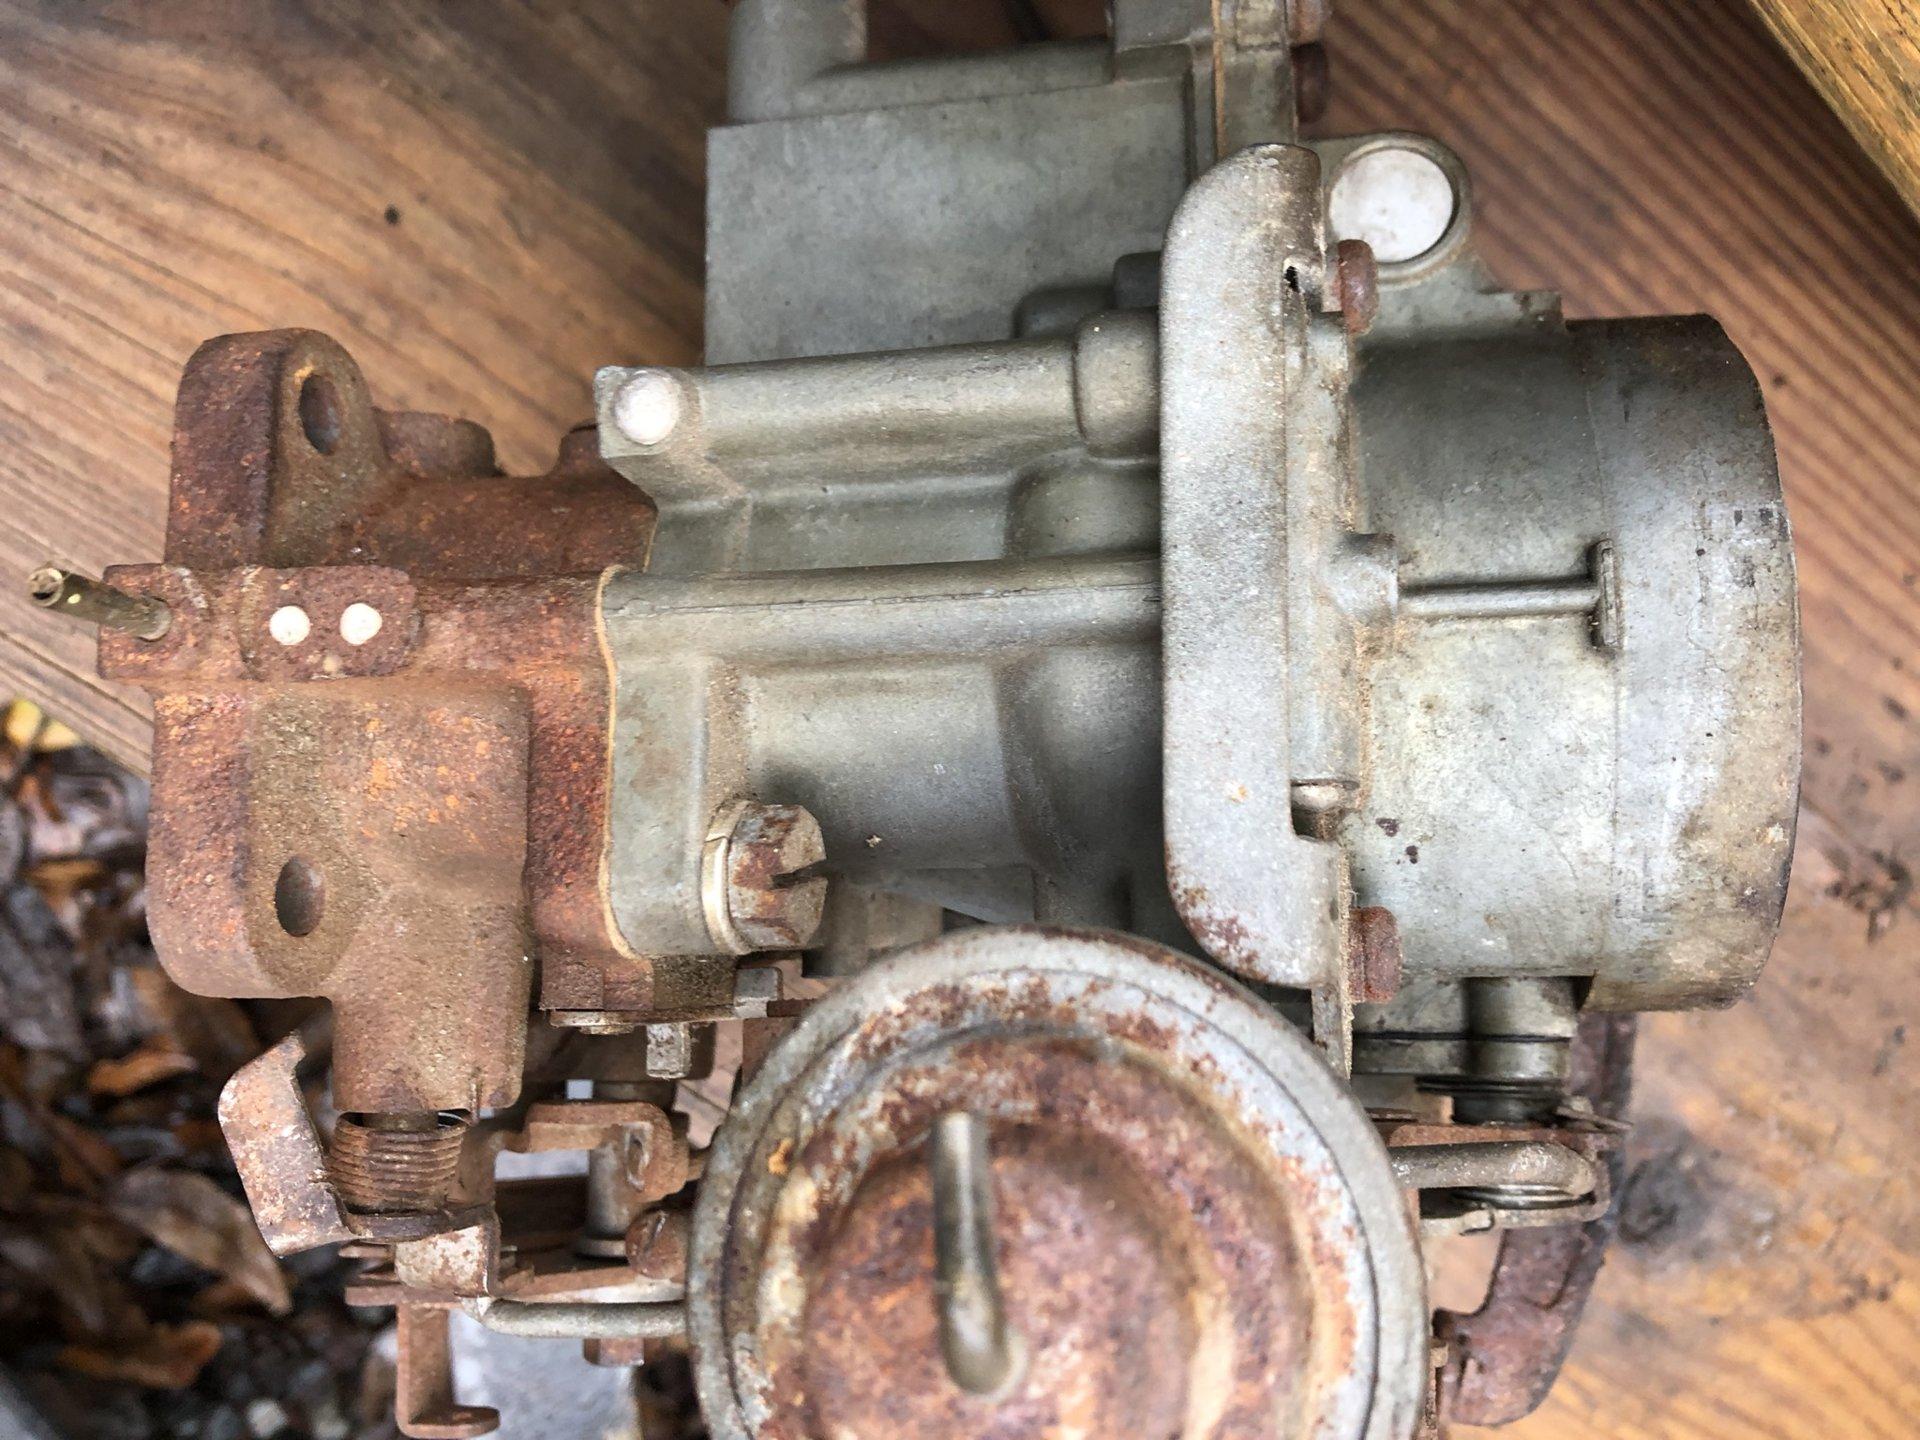 F28A0B82-E6D9-45AE-90E2-AB4FEB2DA988.jpeg